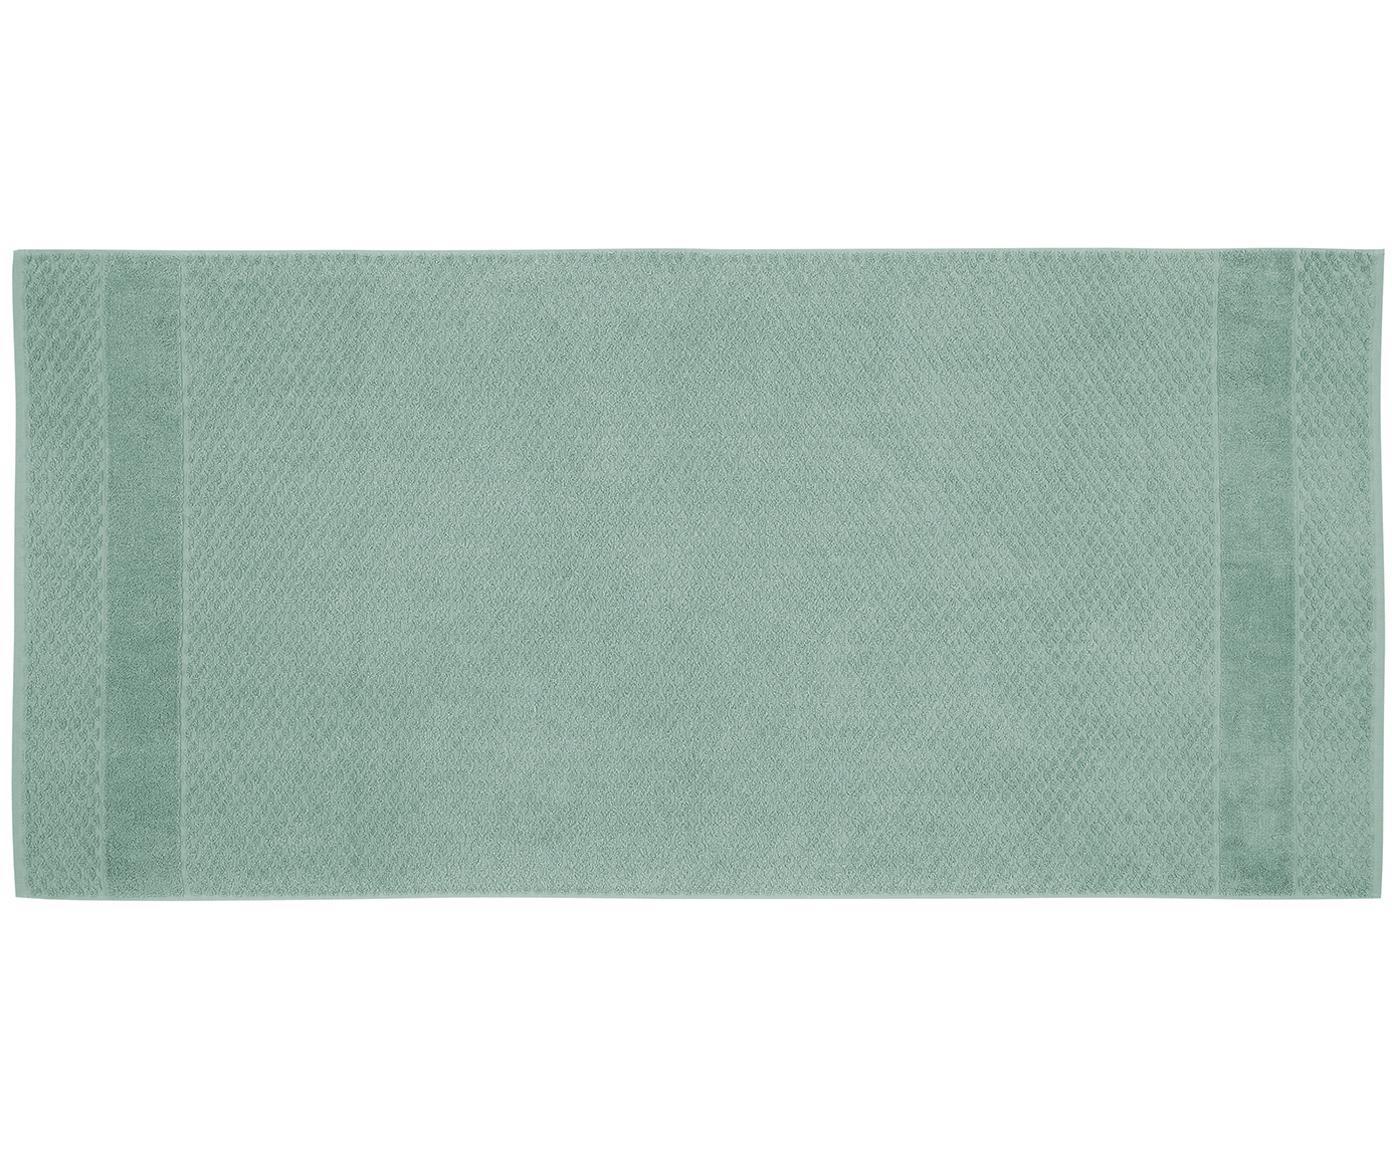 Handtuch-Set Katharina mit Wabenmuster, 3-tlg., Mint, Verschiedene Grössen